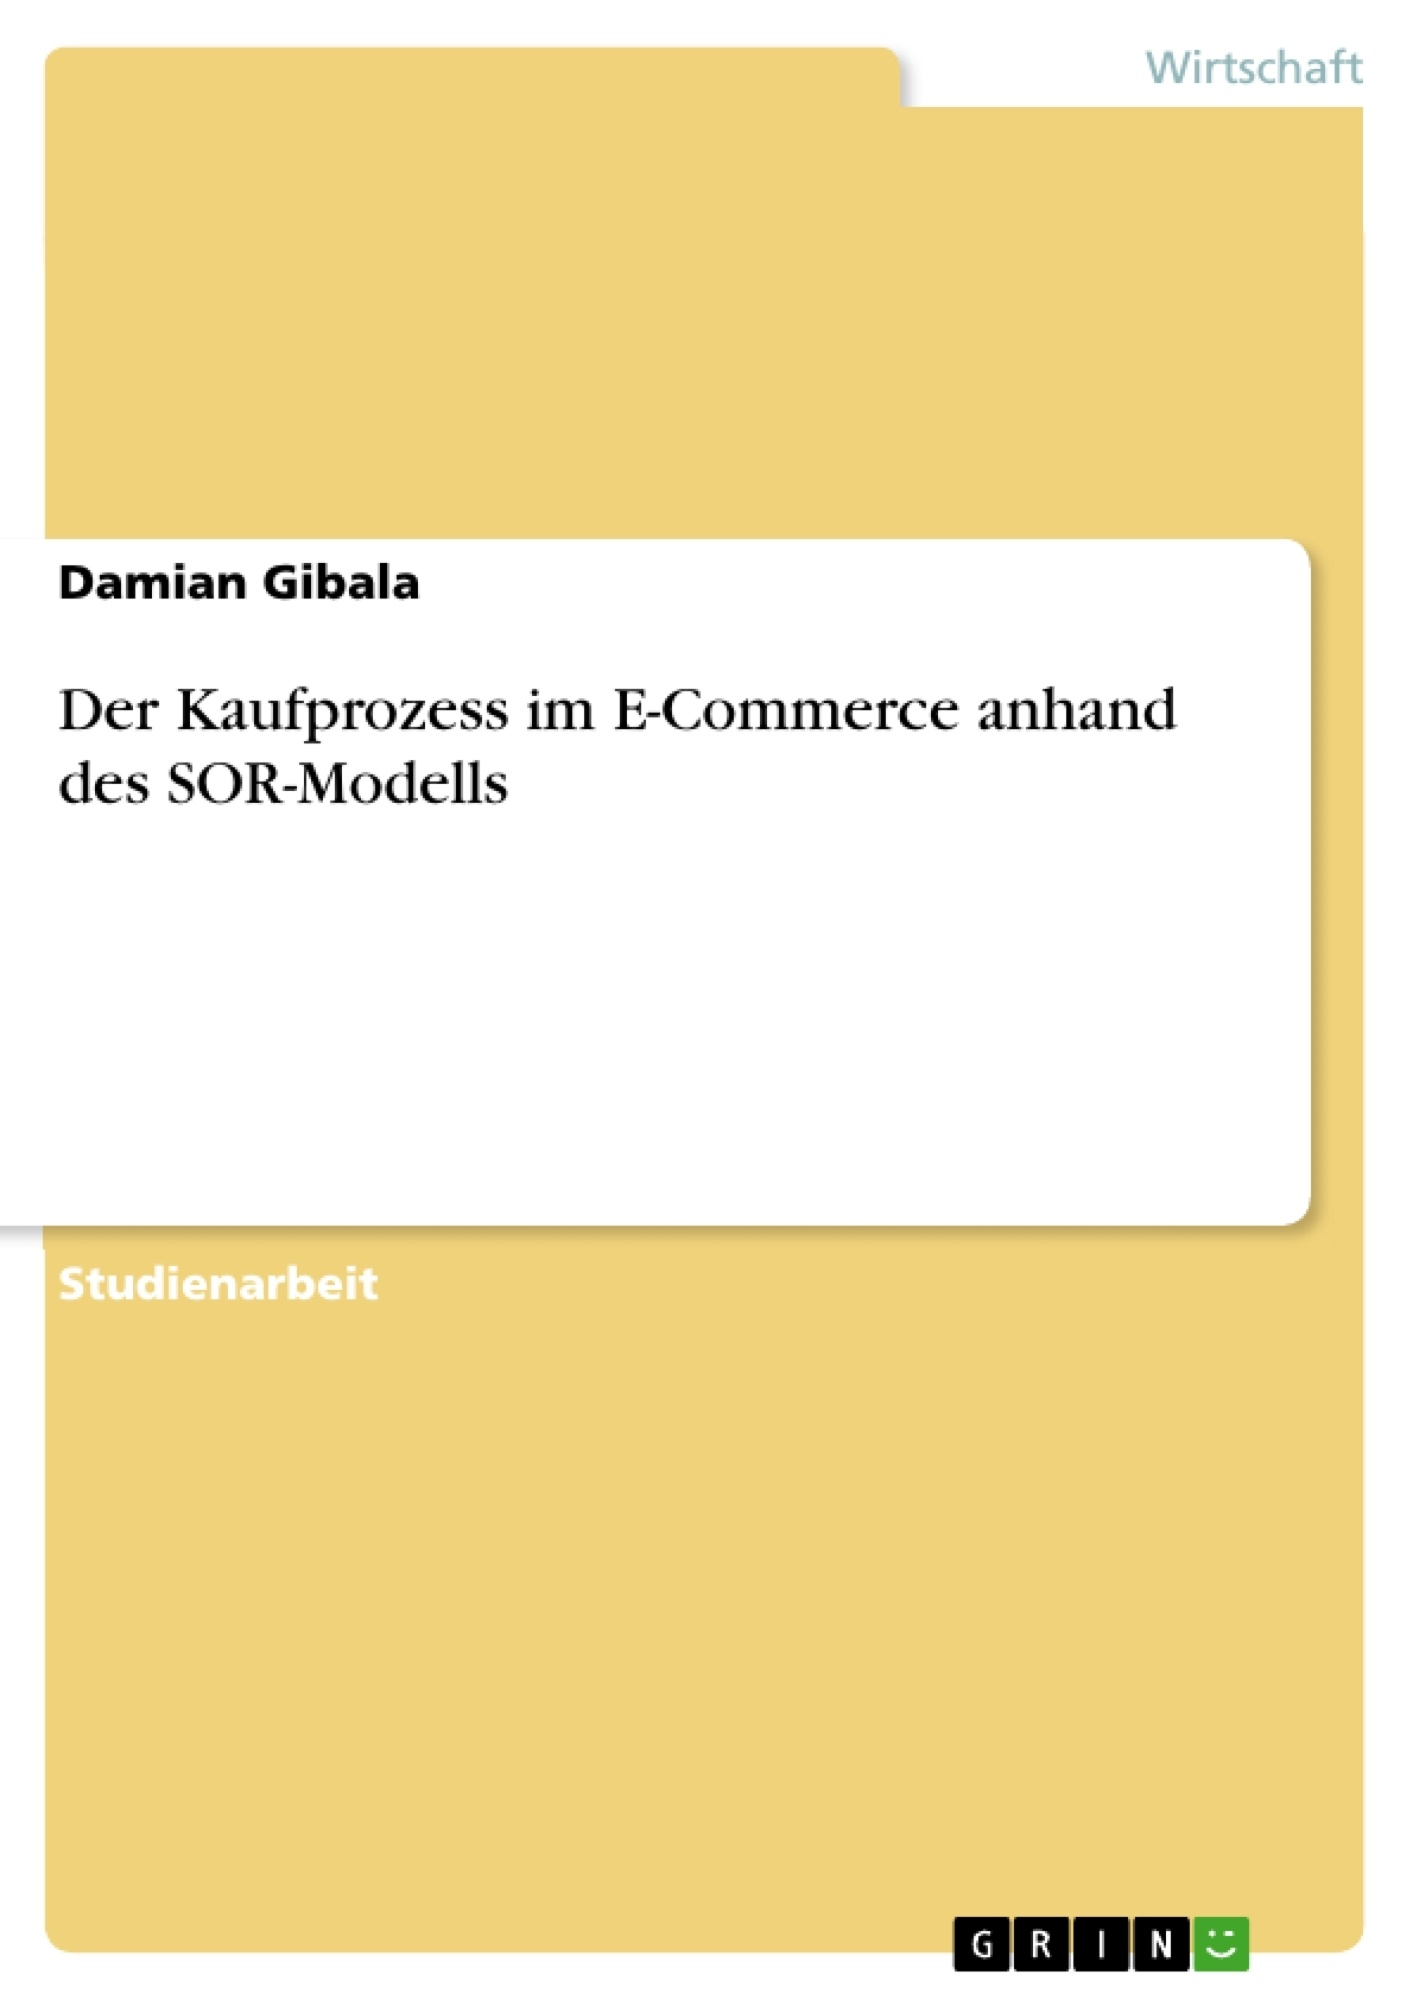 Titel: Der Kaufprozess im E-Commerce anhand des SOR-Modells